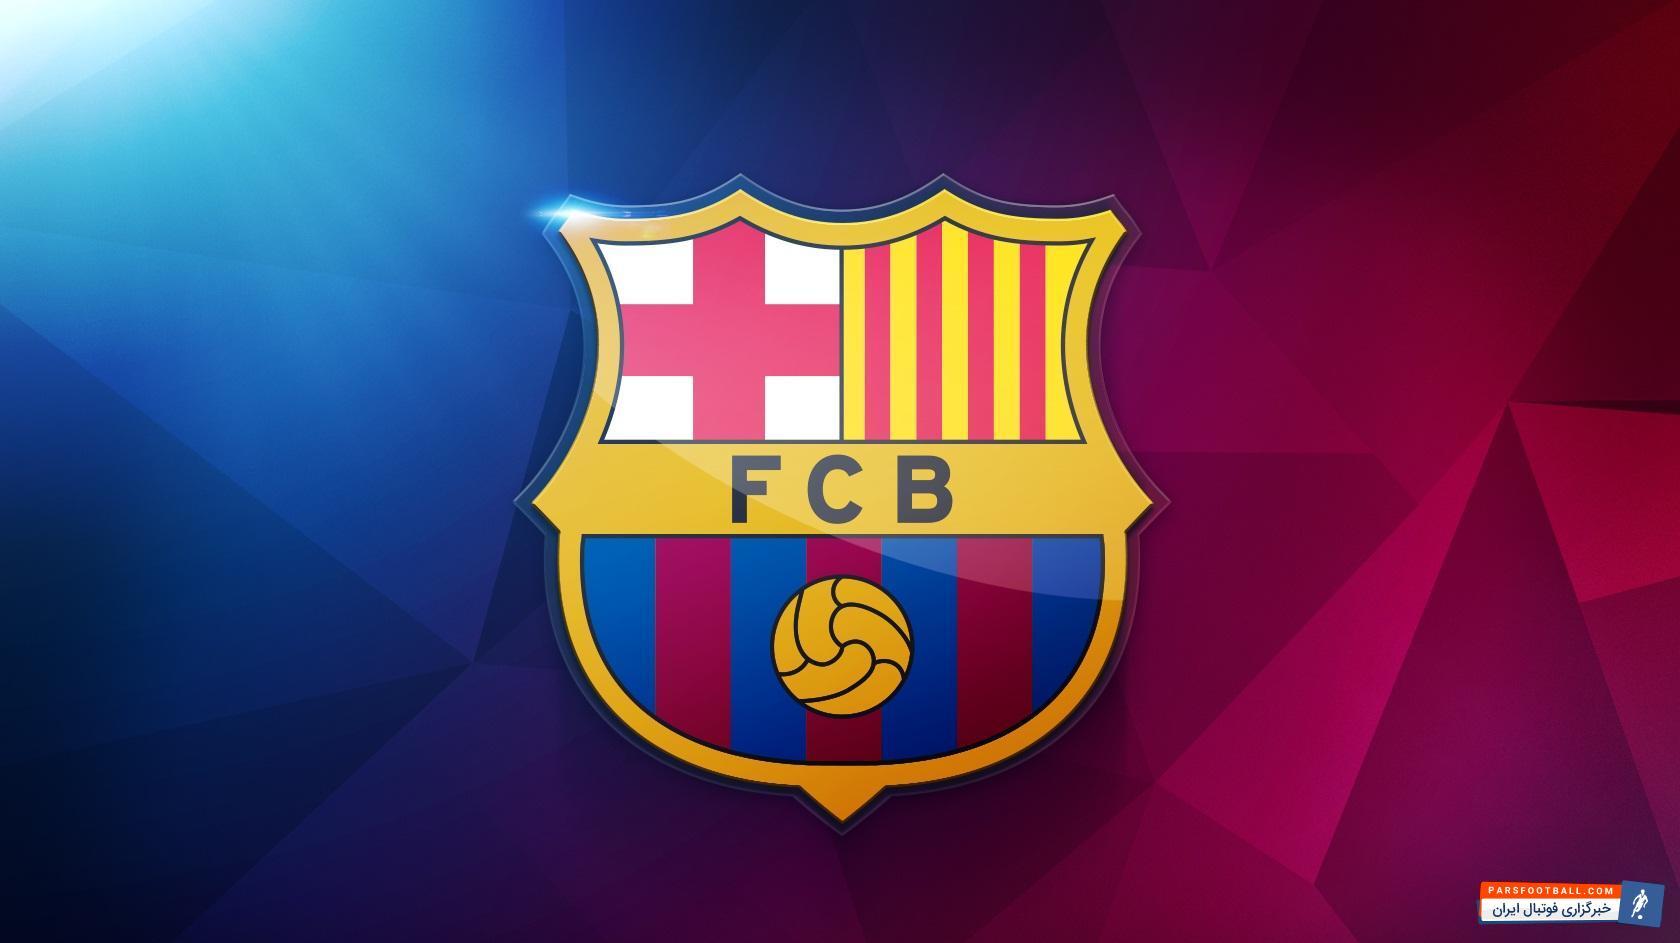 سوپر گل های تیم فوتبال بارسلونا در دیدار برابر رئال مادرید در ال کلاسیکو